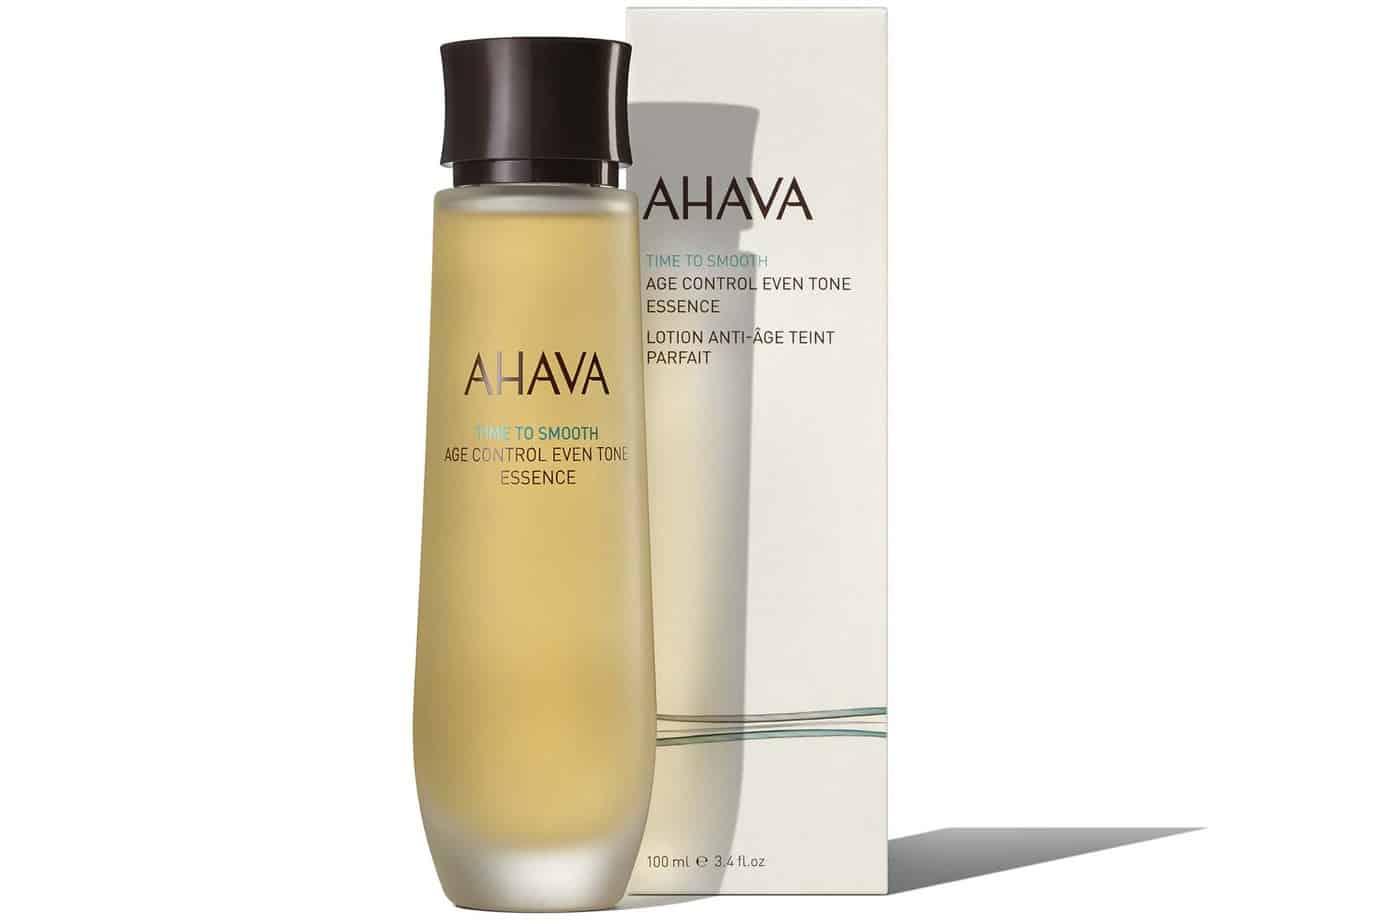 AHAVA פרה סרום אסנס אייג' קונטרול לגוון עור אחיד מחיר 199 שח צילום מוטי פישביין (2)